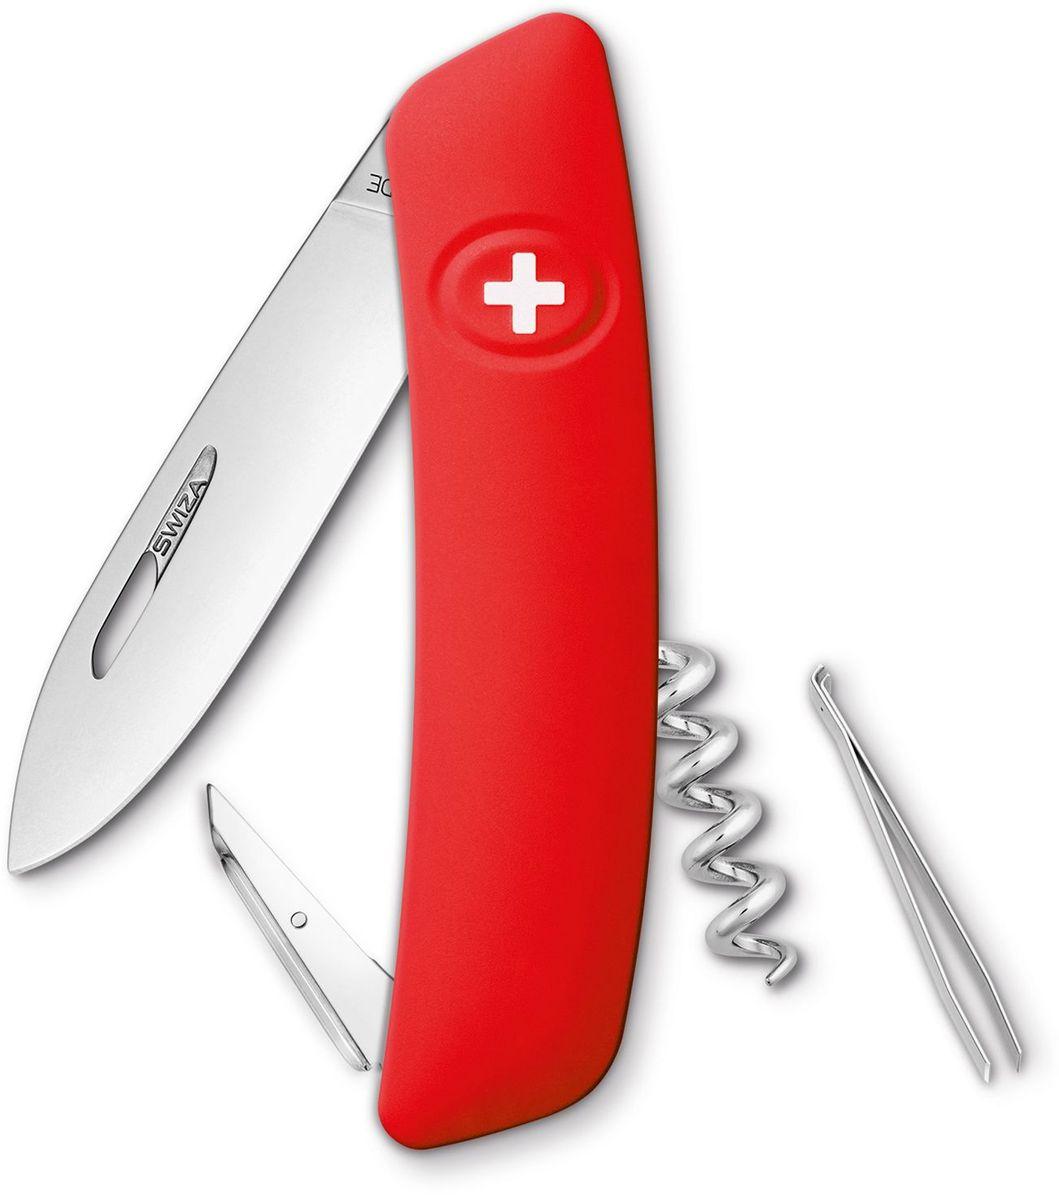 Нож швейцарский SWIZA D01, цвет: красный, длина клинка 7,5 см67742 Швейцарский нож (SWIZA D01) с его революционной формой и безопасной рукояткой, легко раскладываемой ручкой - самый удобный и простой в использовании швейцарский нож на все времена. Эргономично изогнутая форма ножа обеспечивает более легкий доступ к инструментам, а пазы позволяют легко их открывать, как левой, так и правой рукой. Пожизненная гаратния на ножи SWIZA обеспечивают долговременное использование1. нож перочинный ,2. штопор, 3. ример/дырокол4. шило, 5. безопасная блокировка лезвий,6. пинцет